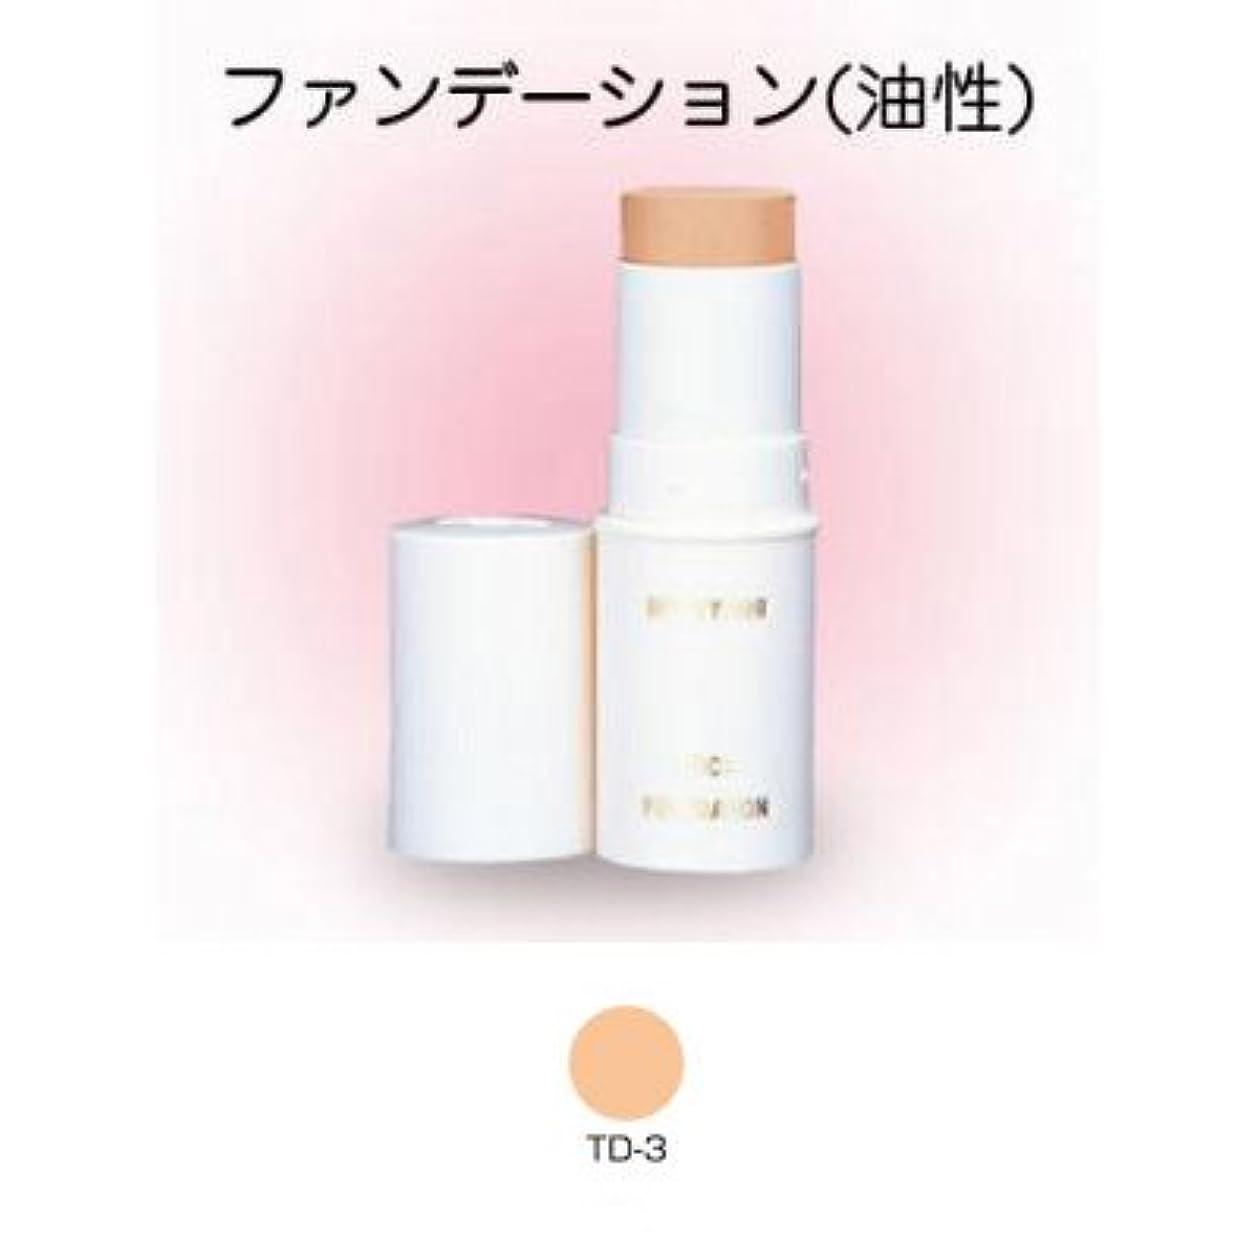 同情的ポケットスタジオスティックファンデーション 16g TD-3 【三善】